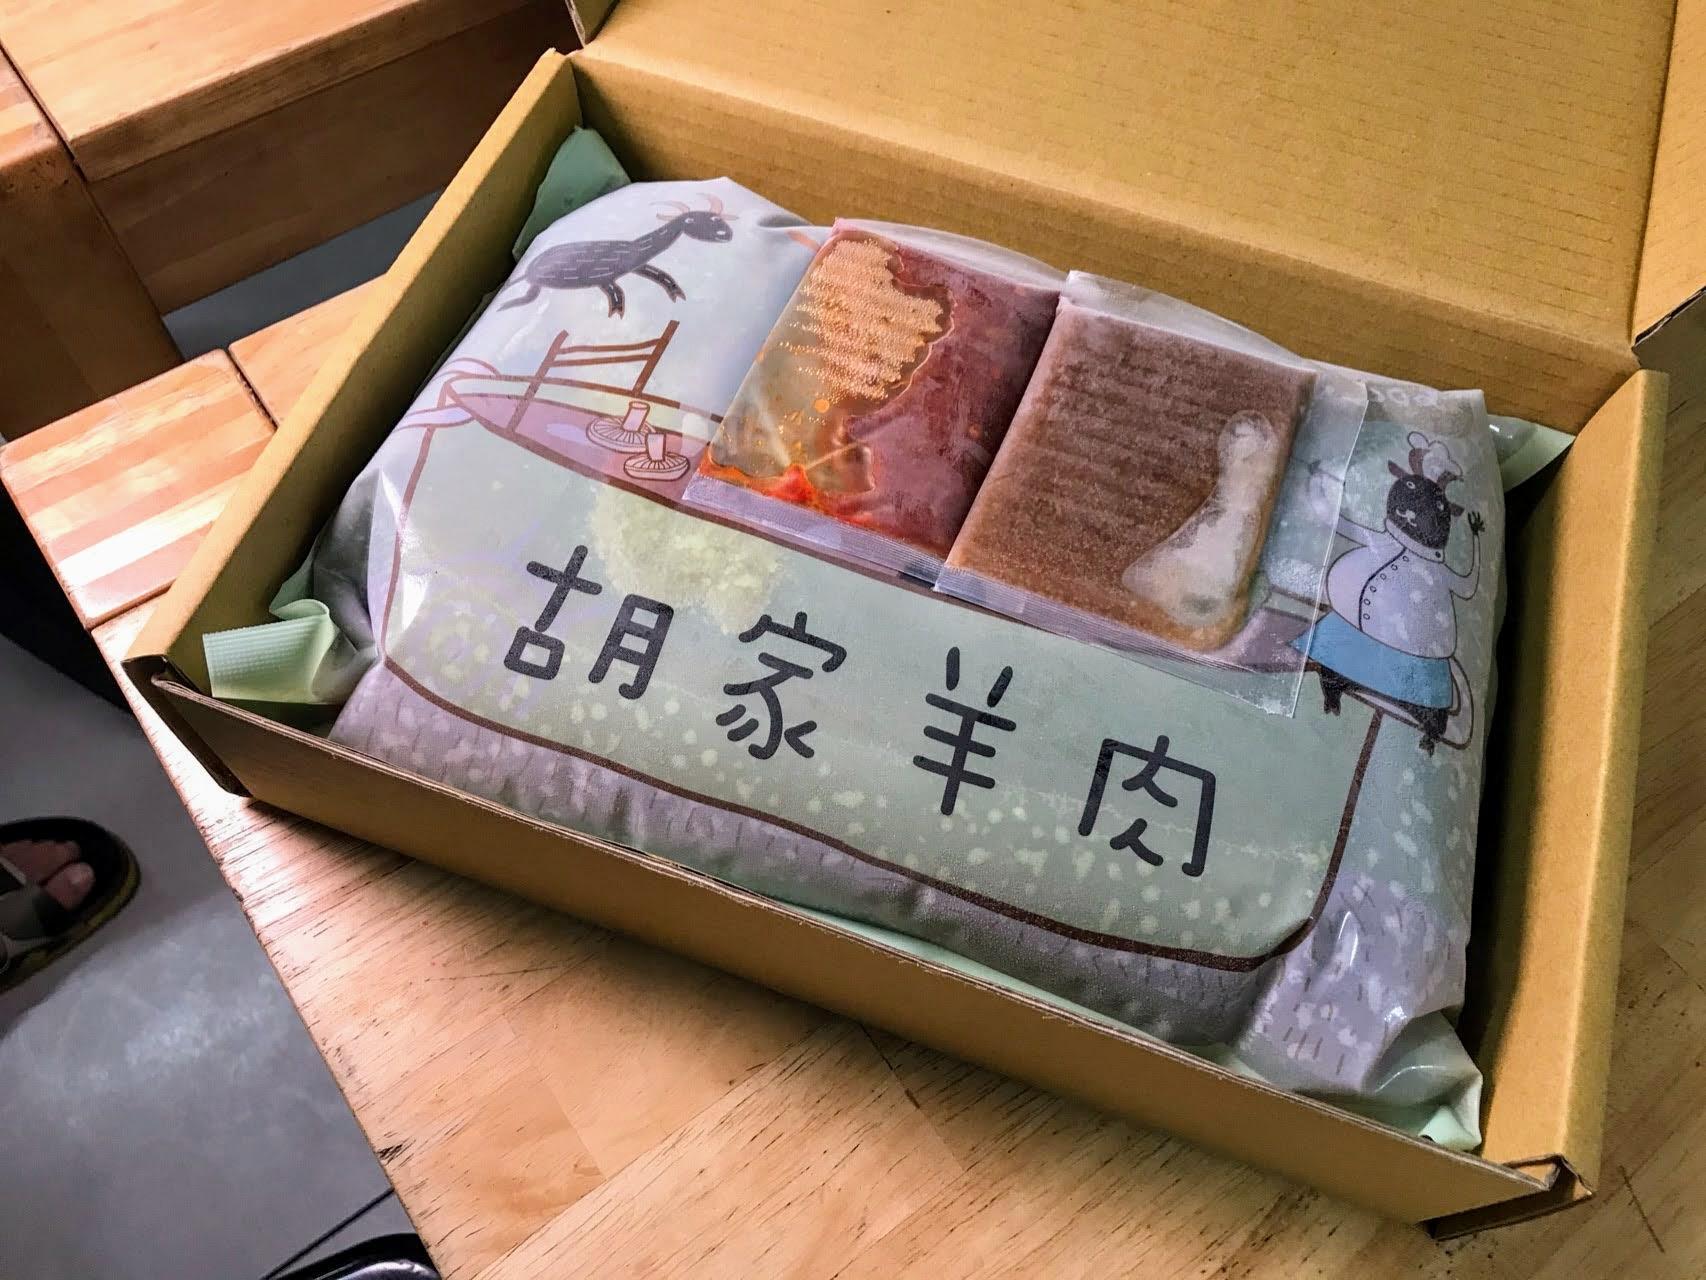 阿蓮胡家羊肉-台南店 / 永康最強羊肉 / 大口吸骨髓的快感 / 台南永康